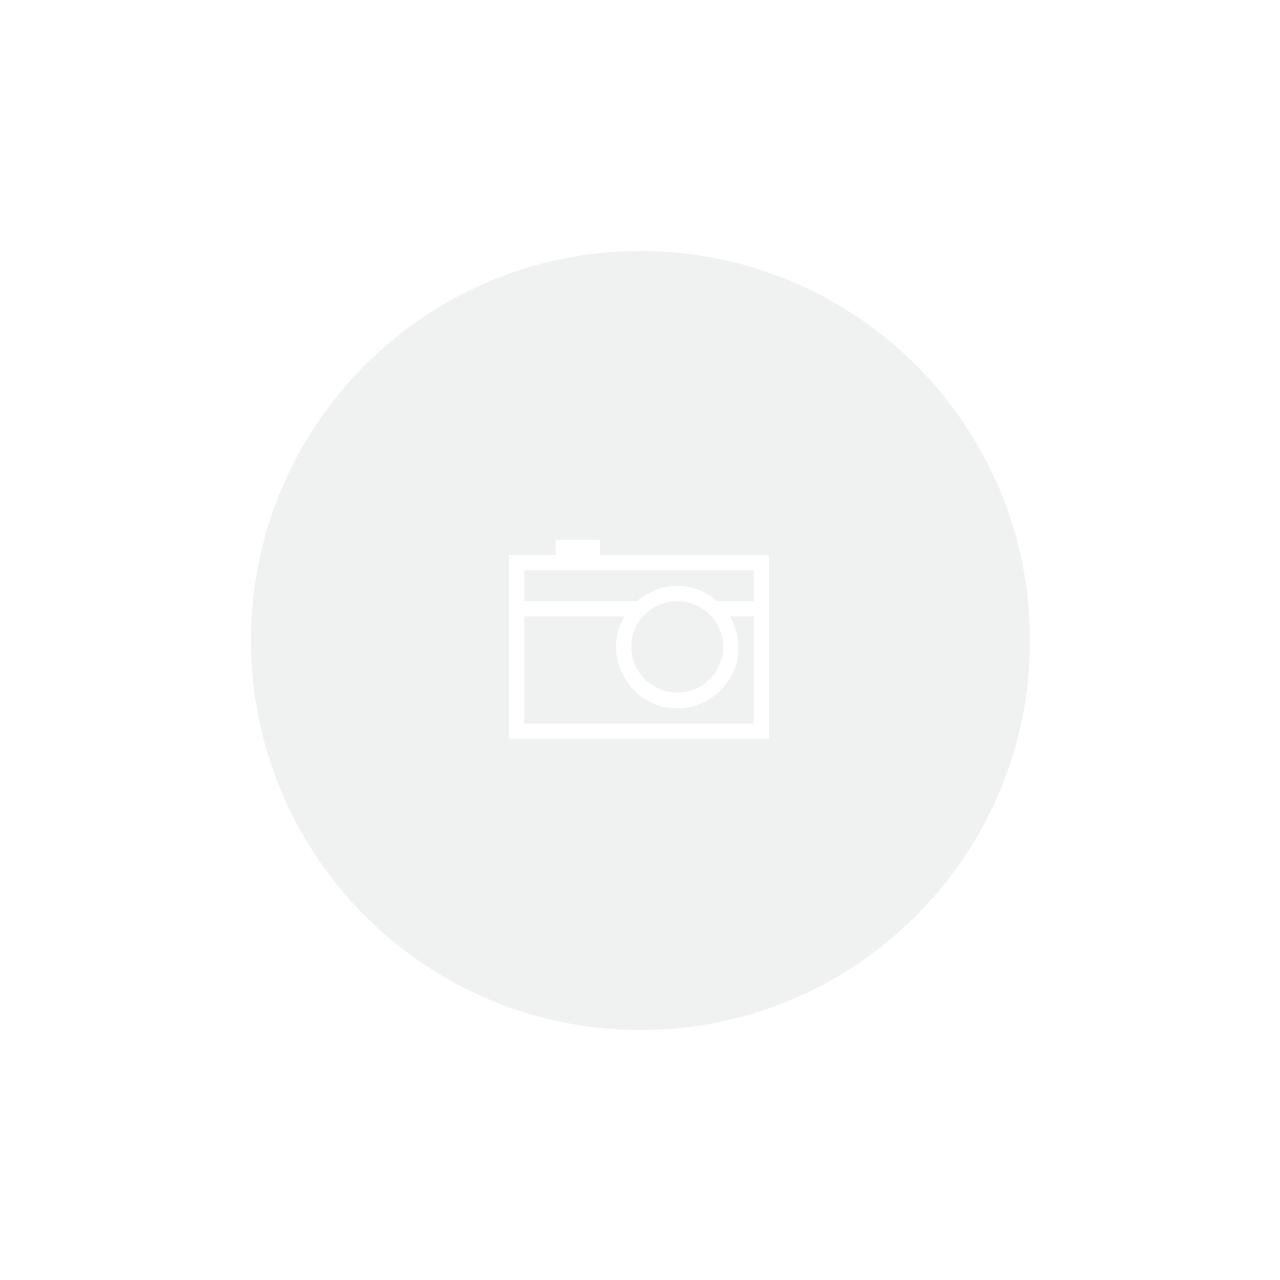 CICLOCOMPUTADOR 5F VDO M1.1 C/ FIO